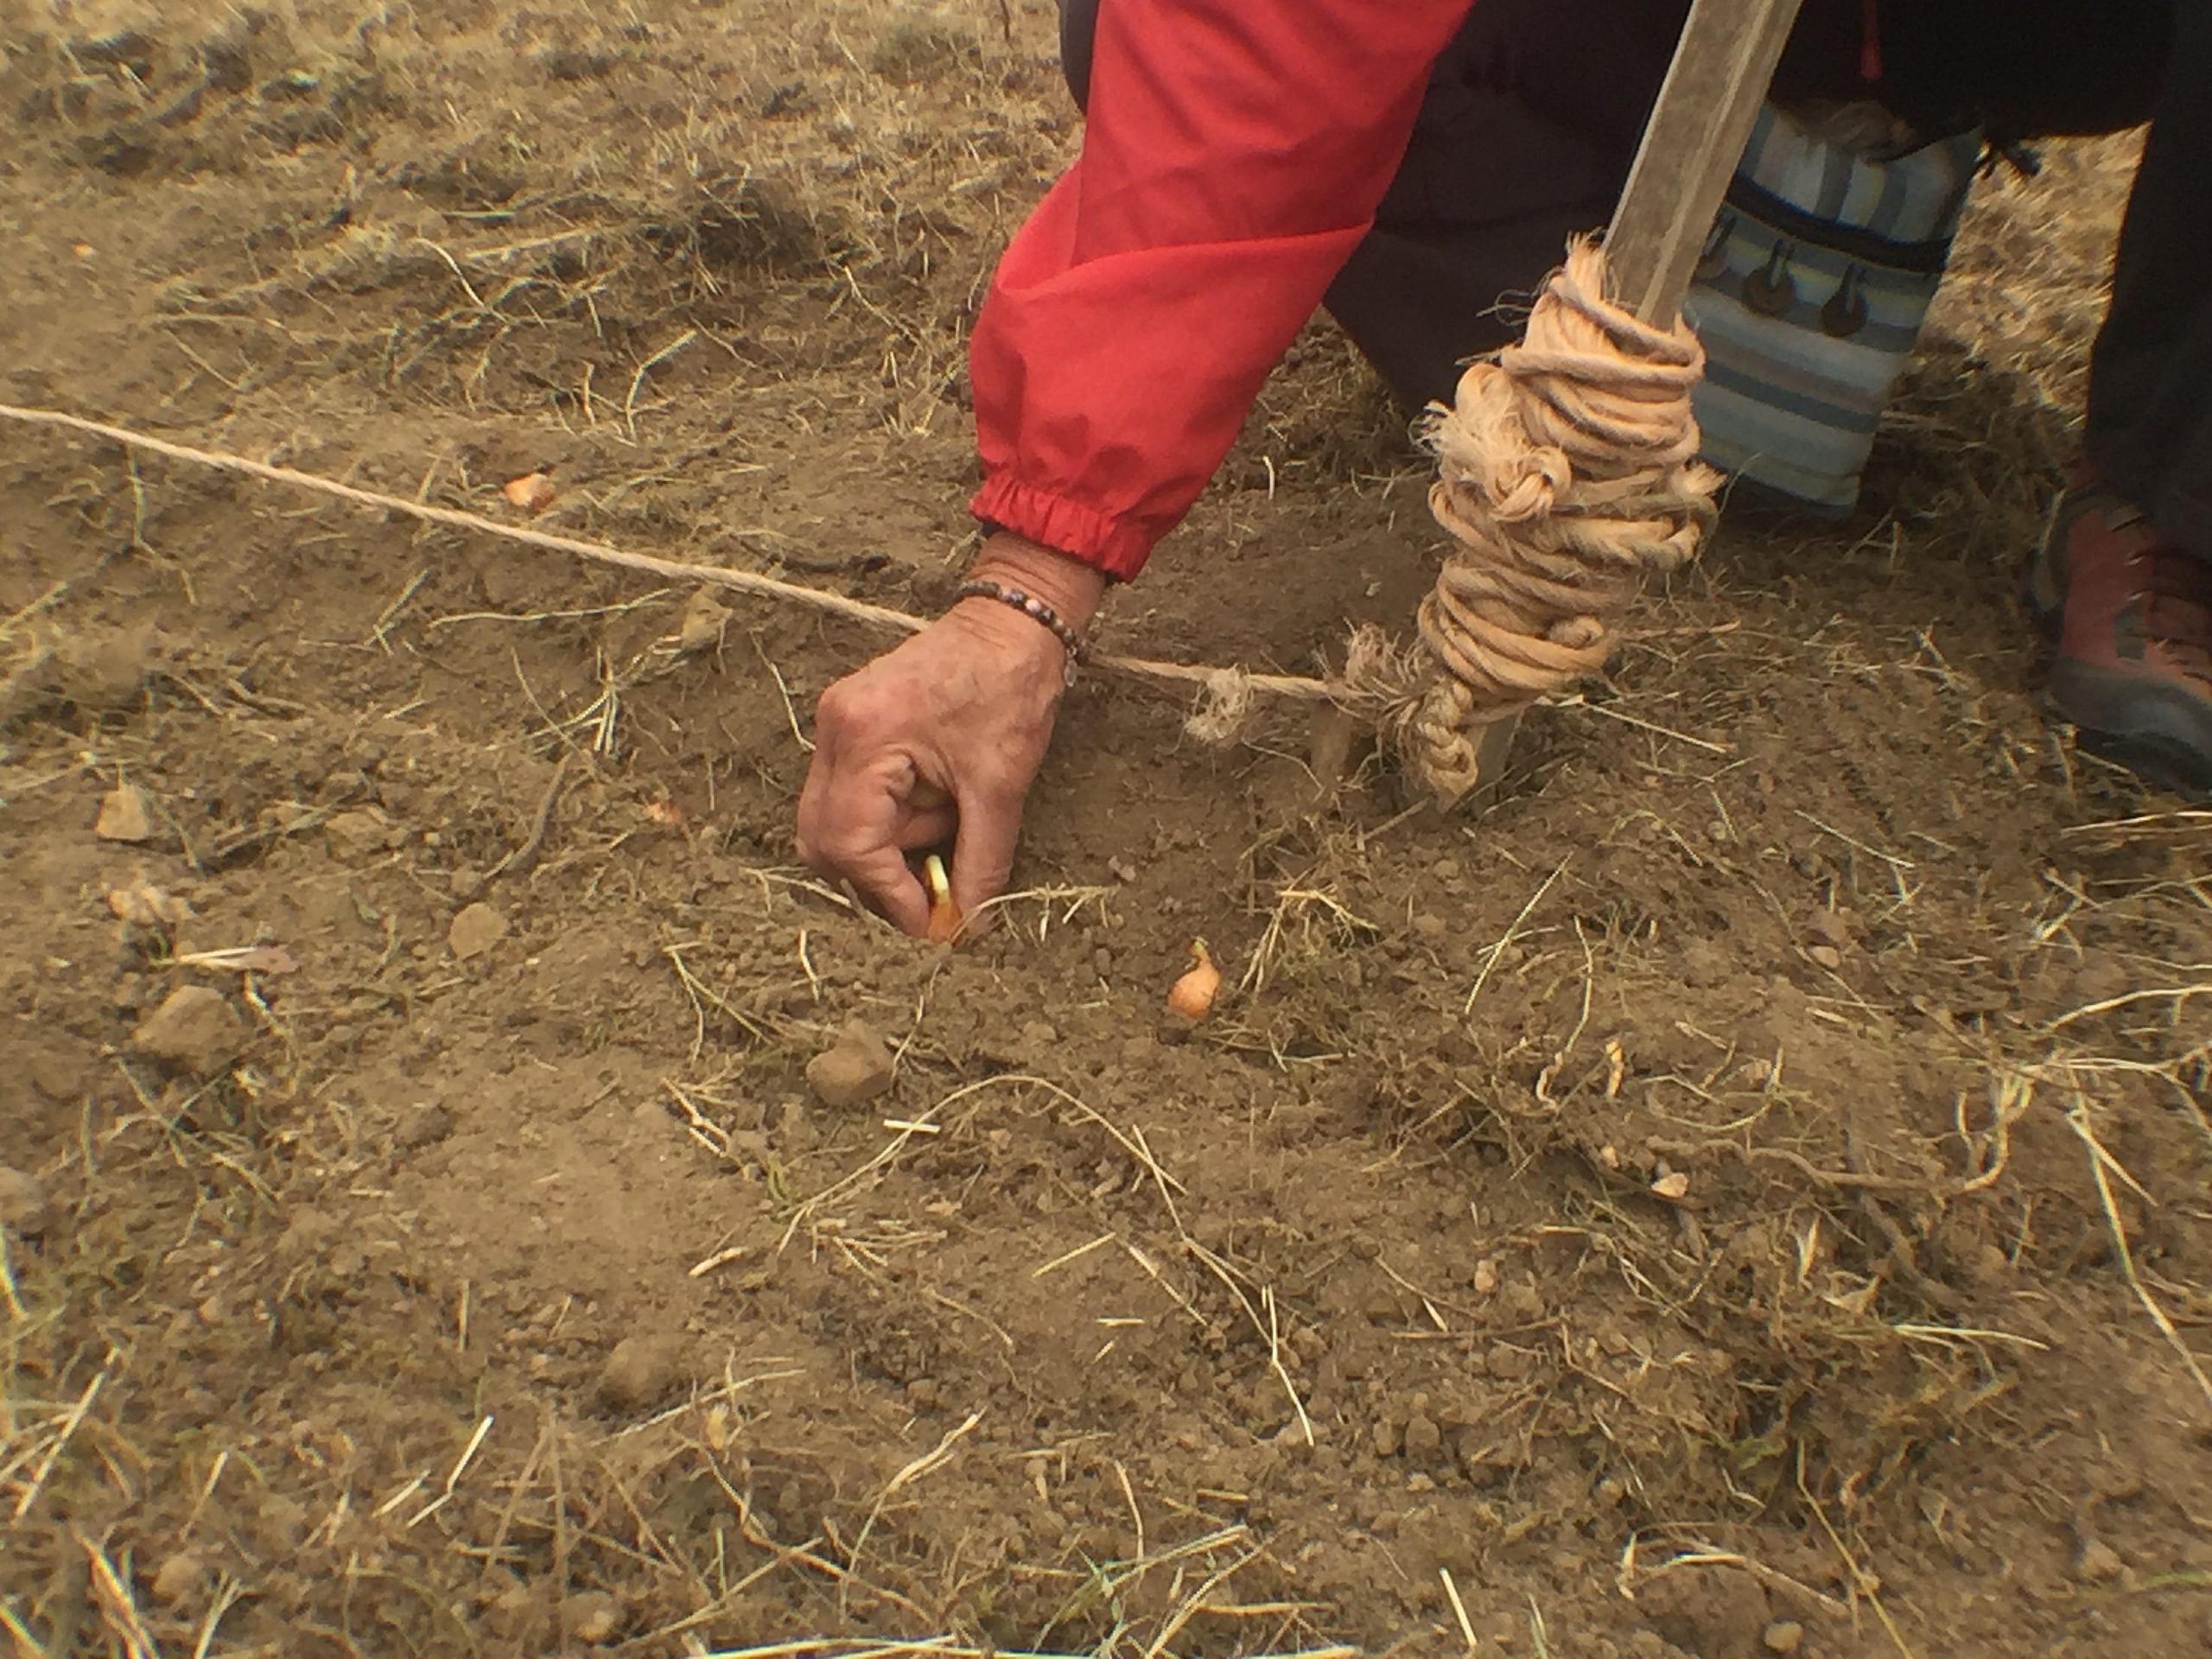 Sécurité alimentaire : le Bocage a la patate… et des idées